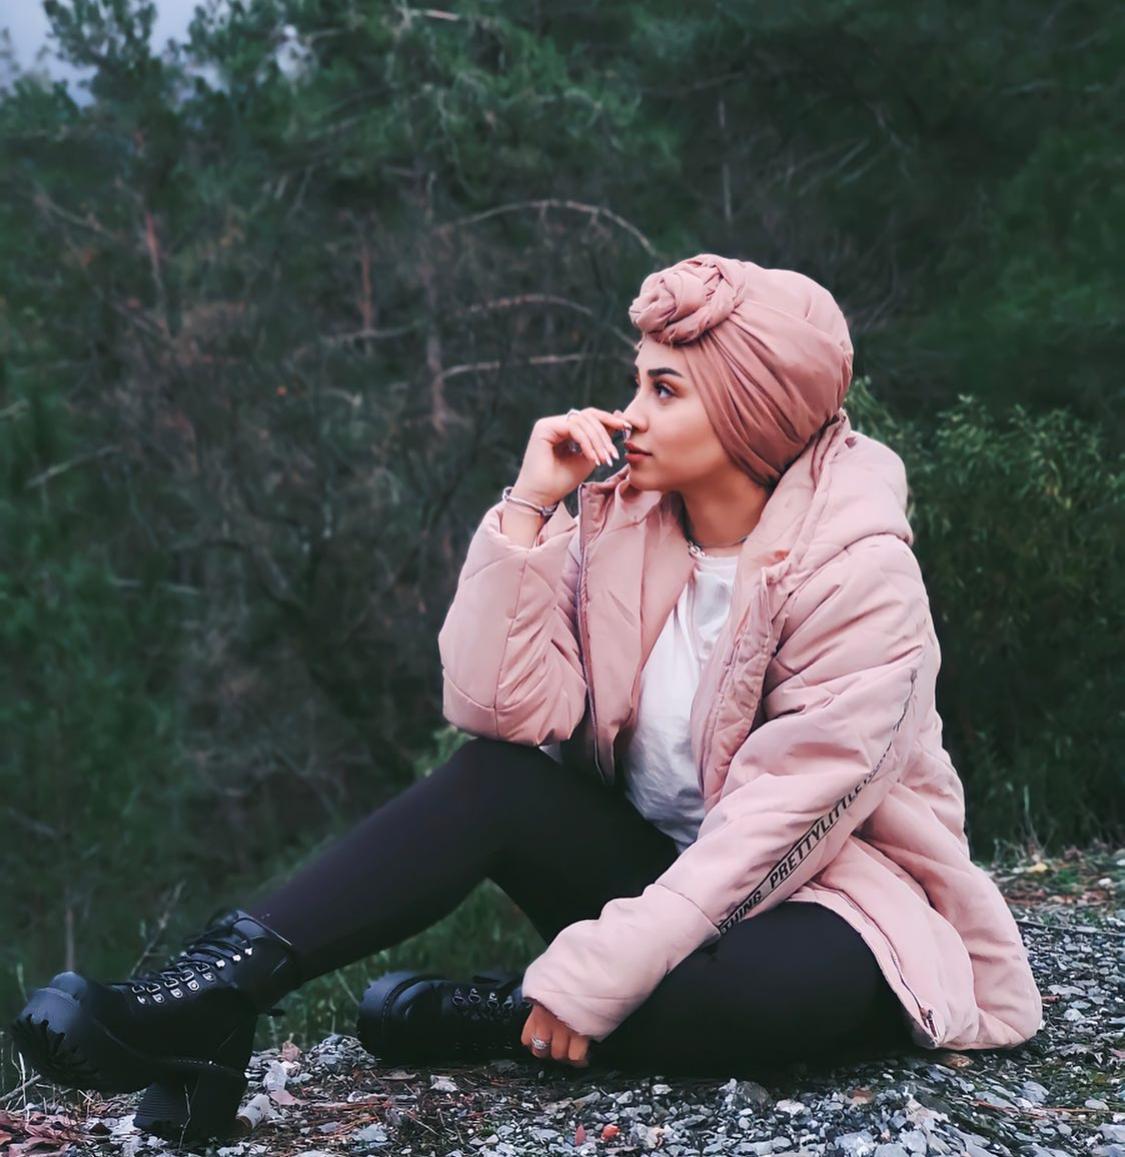 تنسيق كاجوال في الشتاء من ريتا عدنان